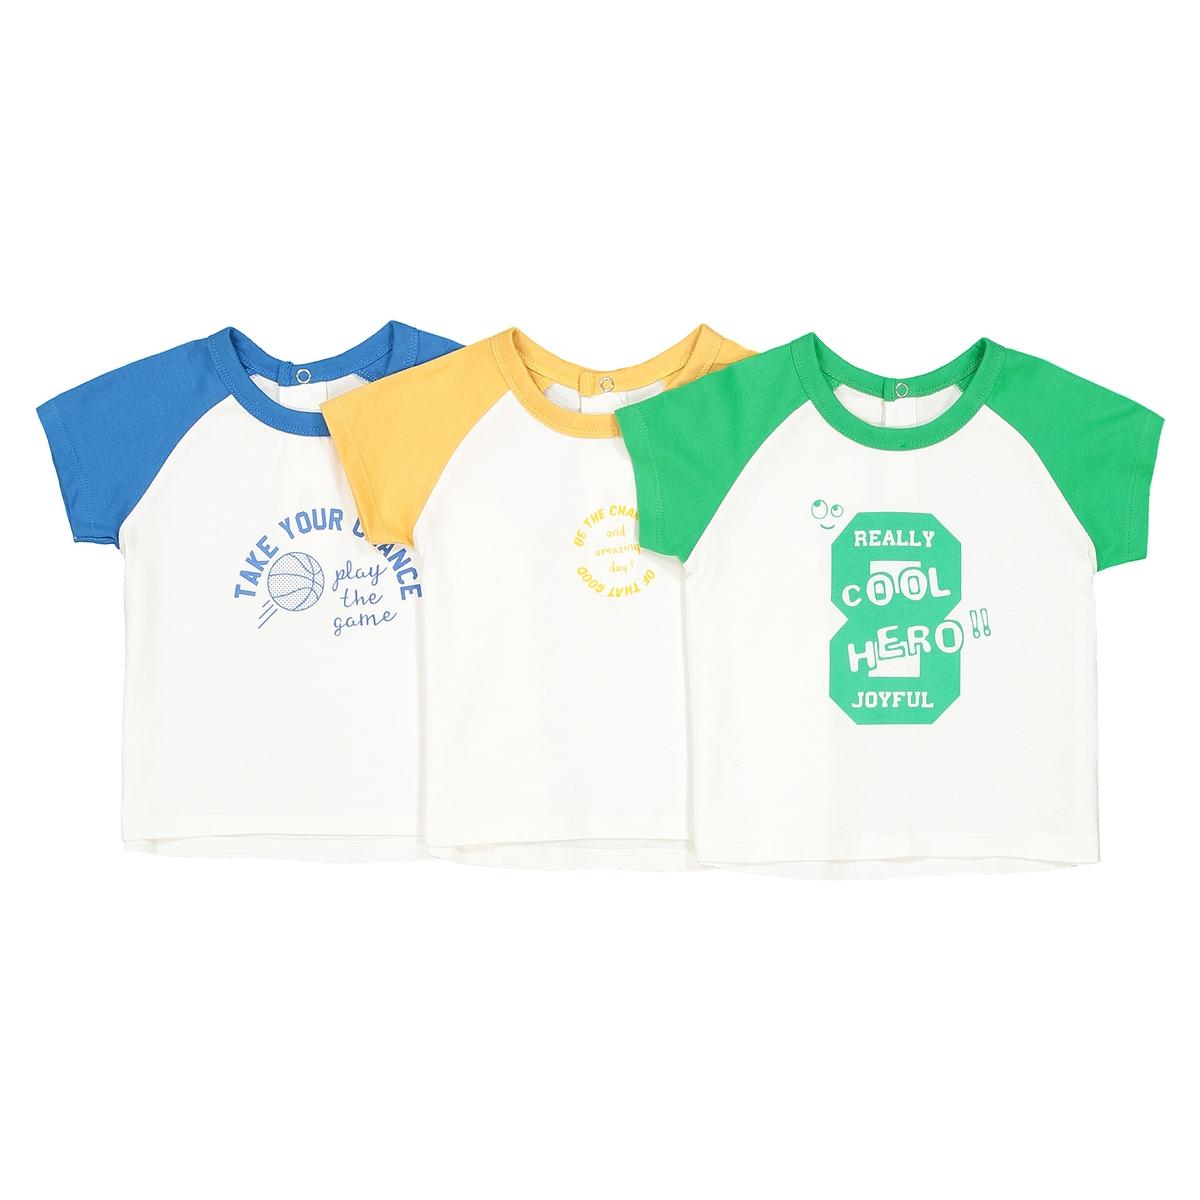 Комплект из 3 трехцветных футболок - 1 мес. - 3 годаОписание:Детали •  Короткие рукава •  Круглый вырез •  Рисунок-принтСостав и уход •  100% хлопок •  Температура стирки 30° •  Сухая чистка и отбеливатели запрещены • Барабанная сушка на слабом режиме       • Средняя температура глажки<br><br>Цвет: зеленый + желтый + синий<br>Размер: 6 мес. - 67 см.2 года - 86 см.9 мес. - 71 см.1 мес. - 54 см.18 мес. - 81 см.3 года - 94 см.1 год - 74 см.3 мес. - 60 см